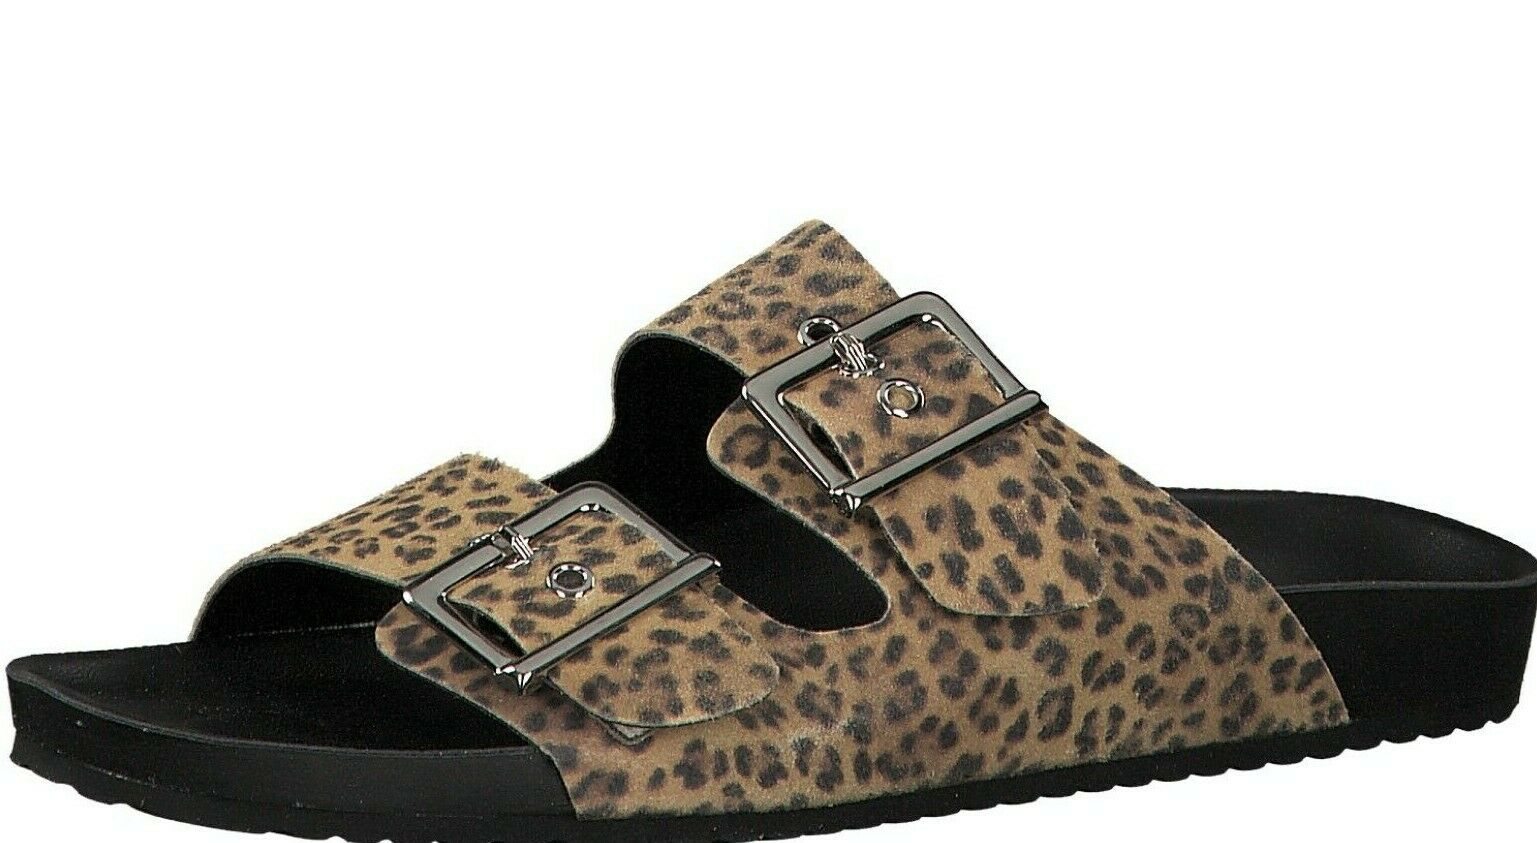 Neu Leder Pantolette Tamaris 39 Echtes 27148 Leoparden 38 36 UVpqSMGz